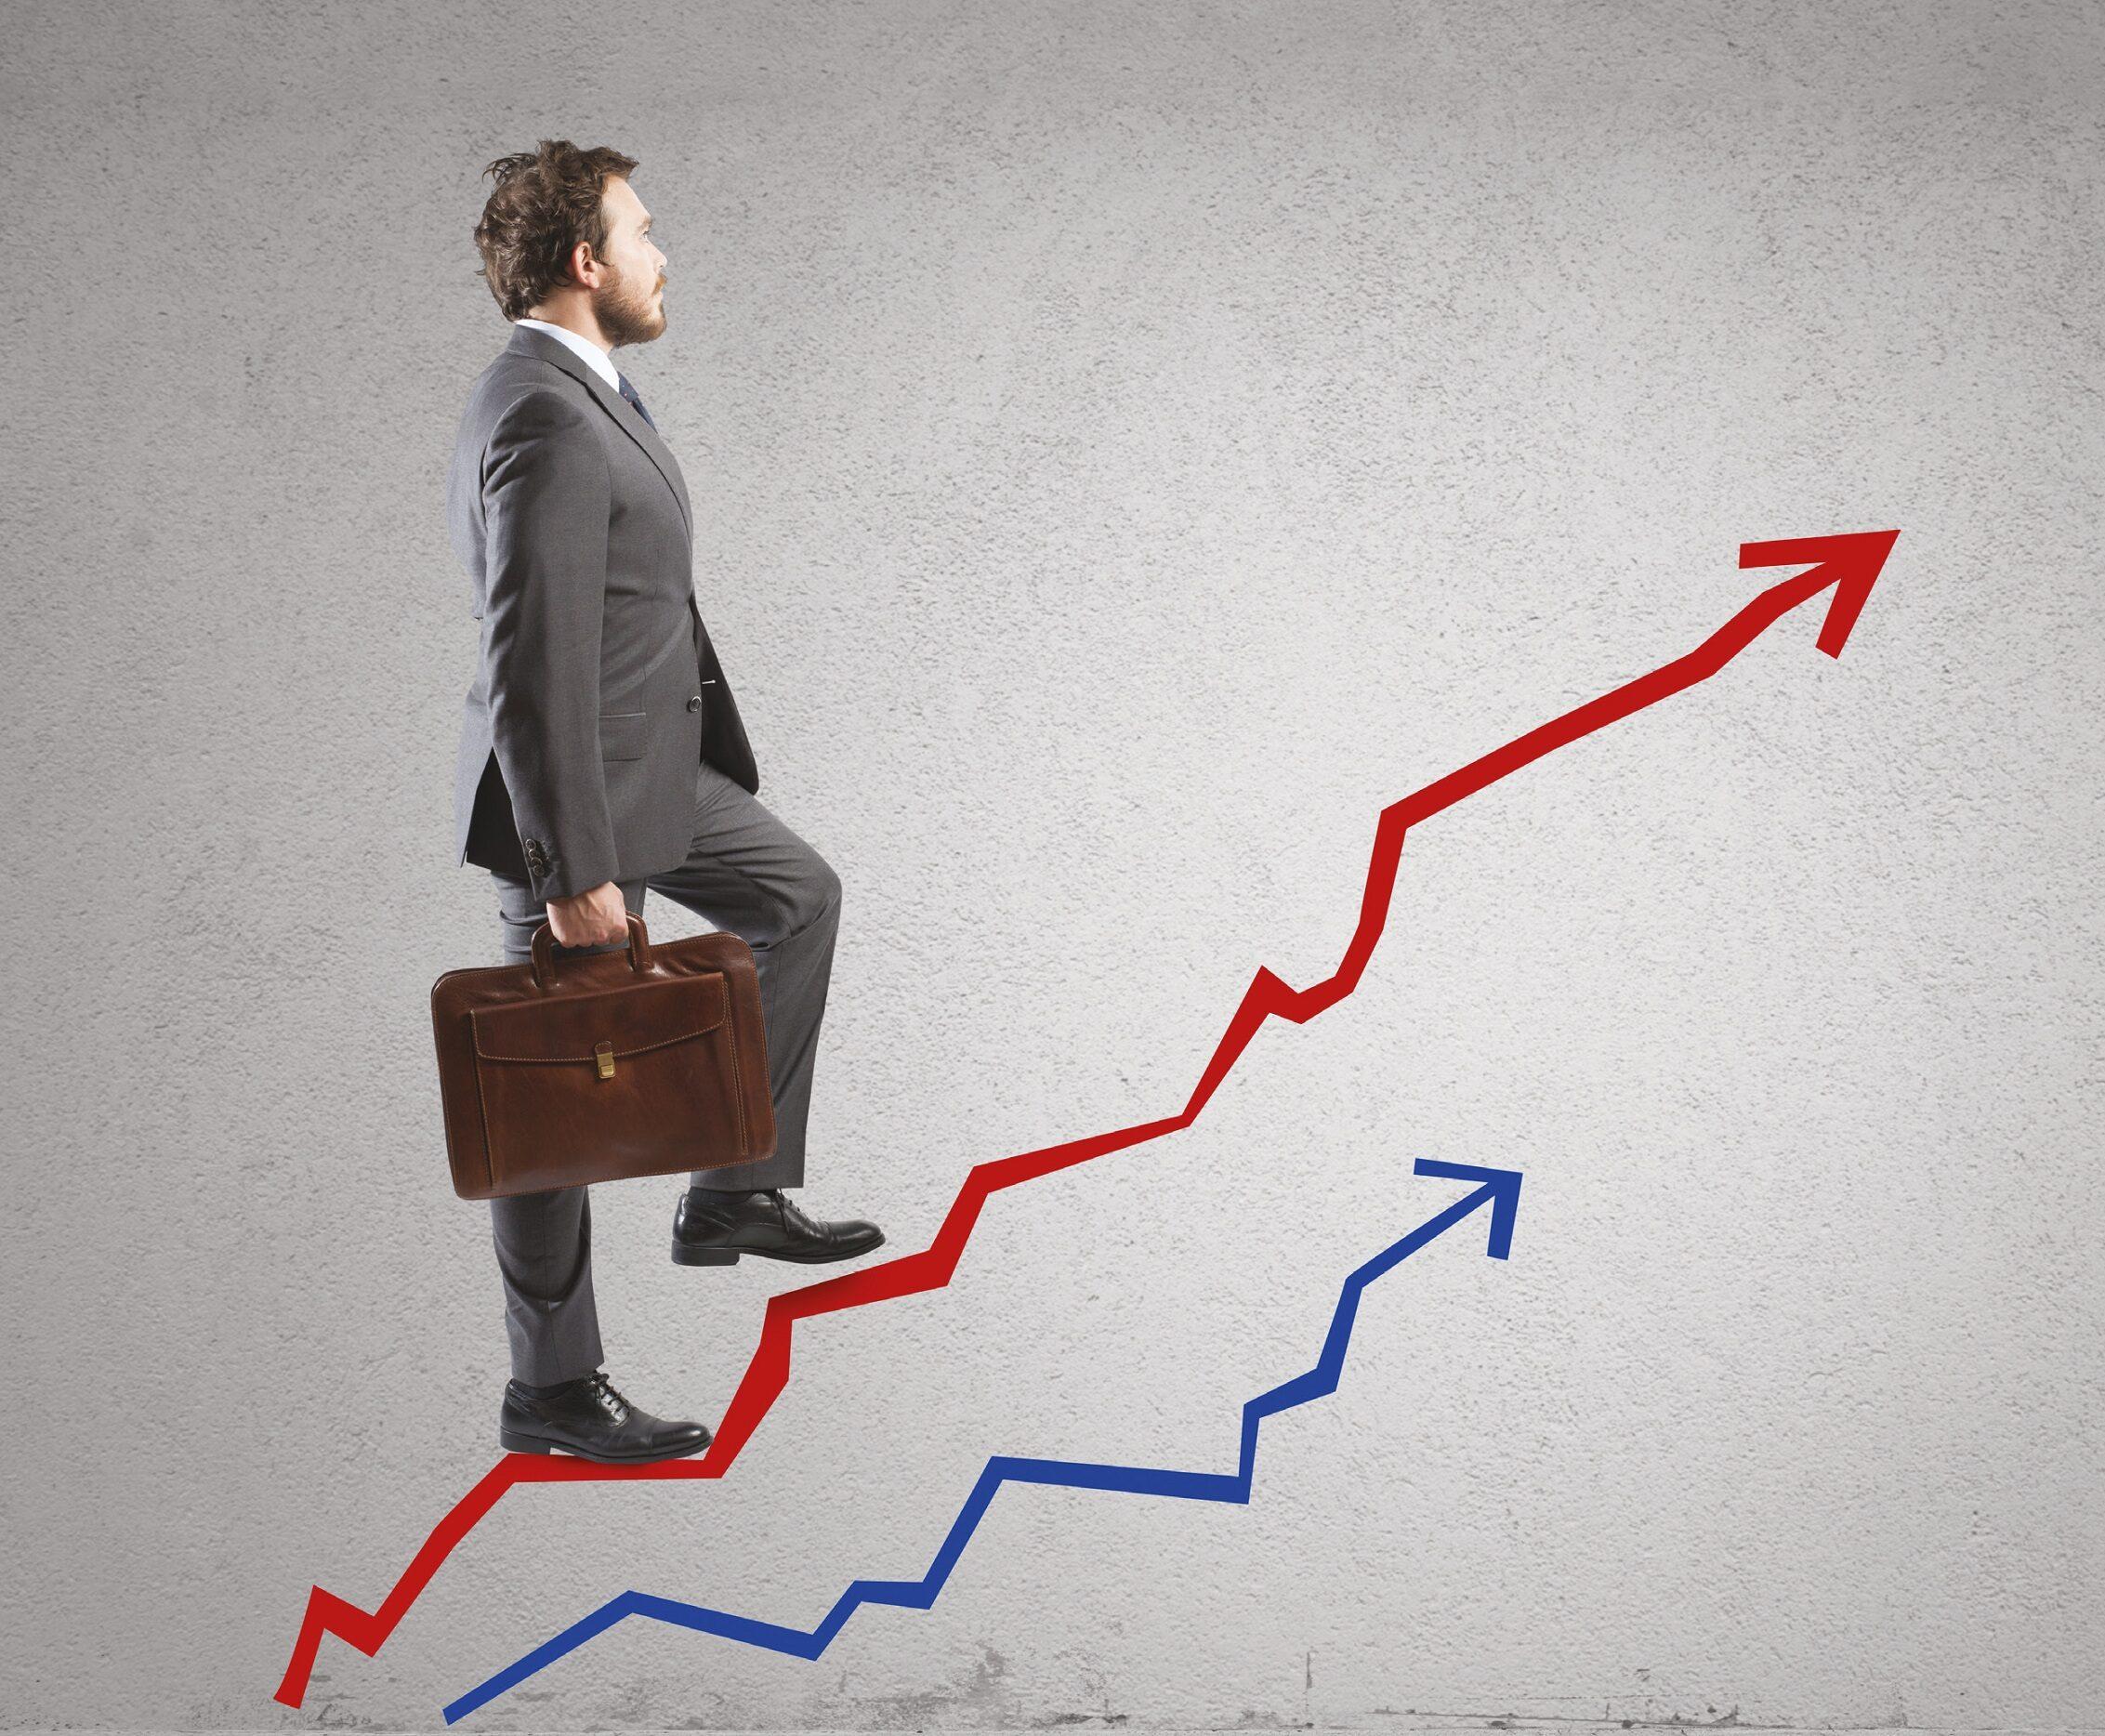 شروع سرمایهگذاری در سهام – قسمت سی و یکم